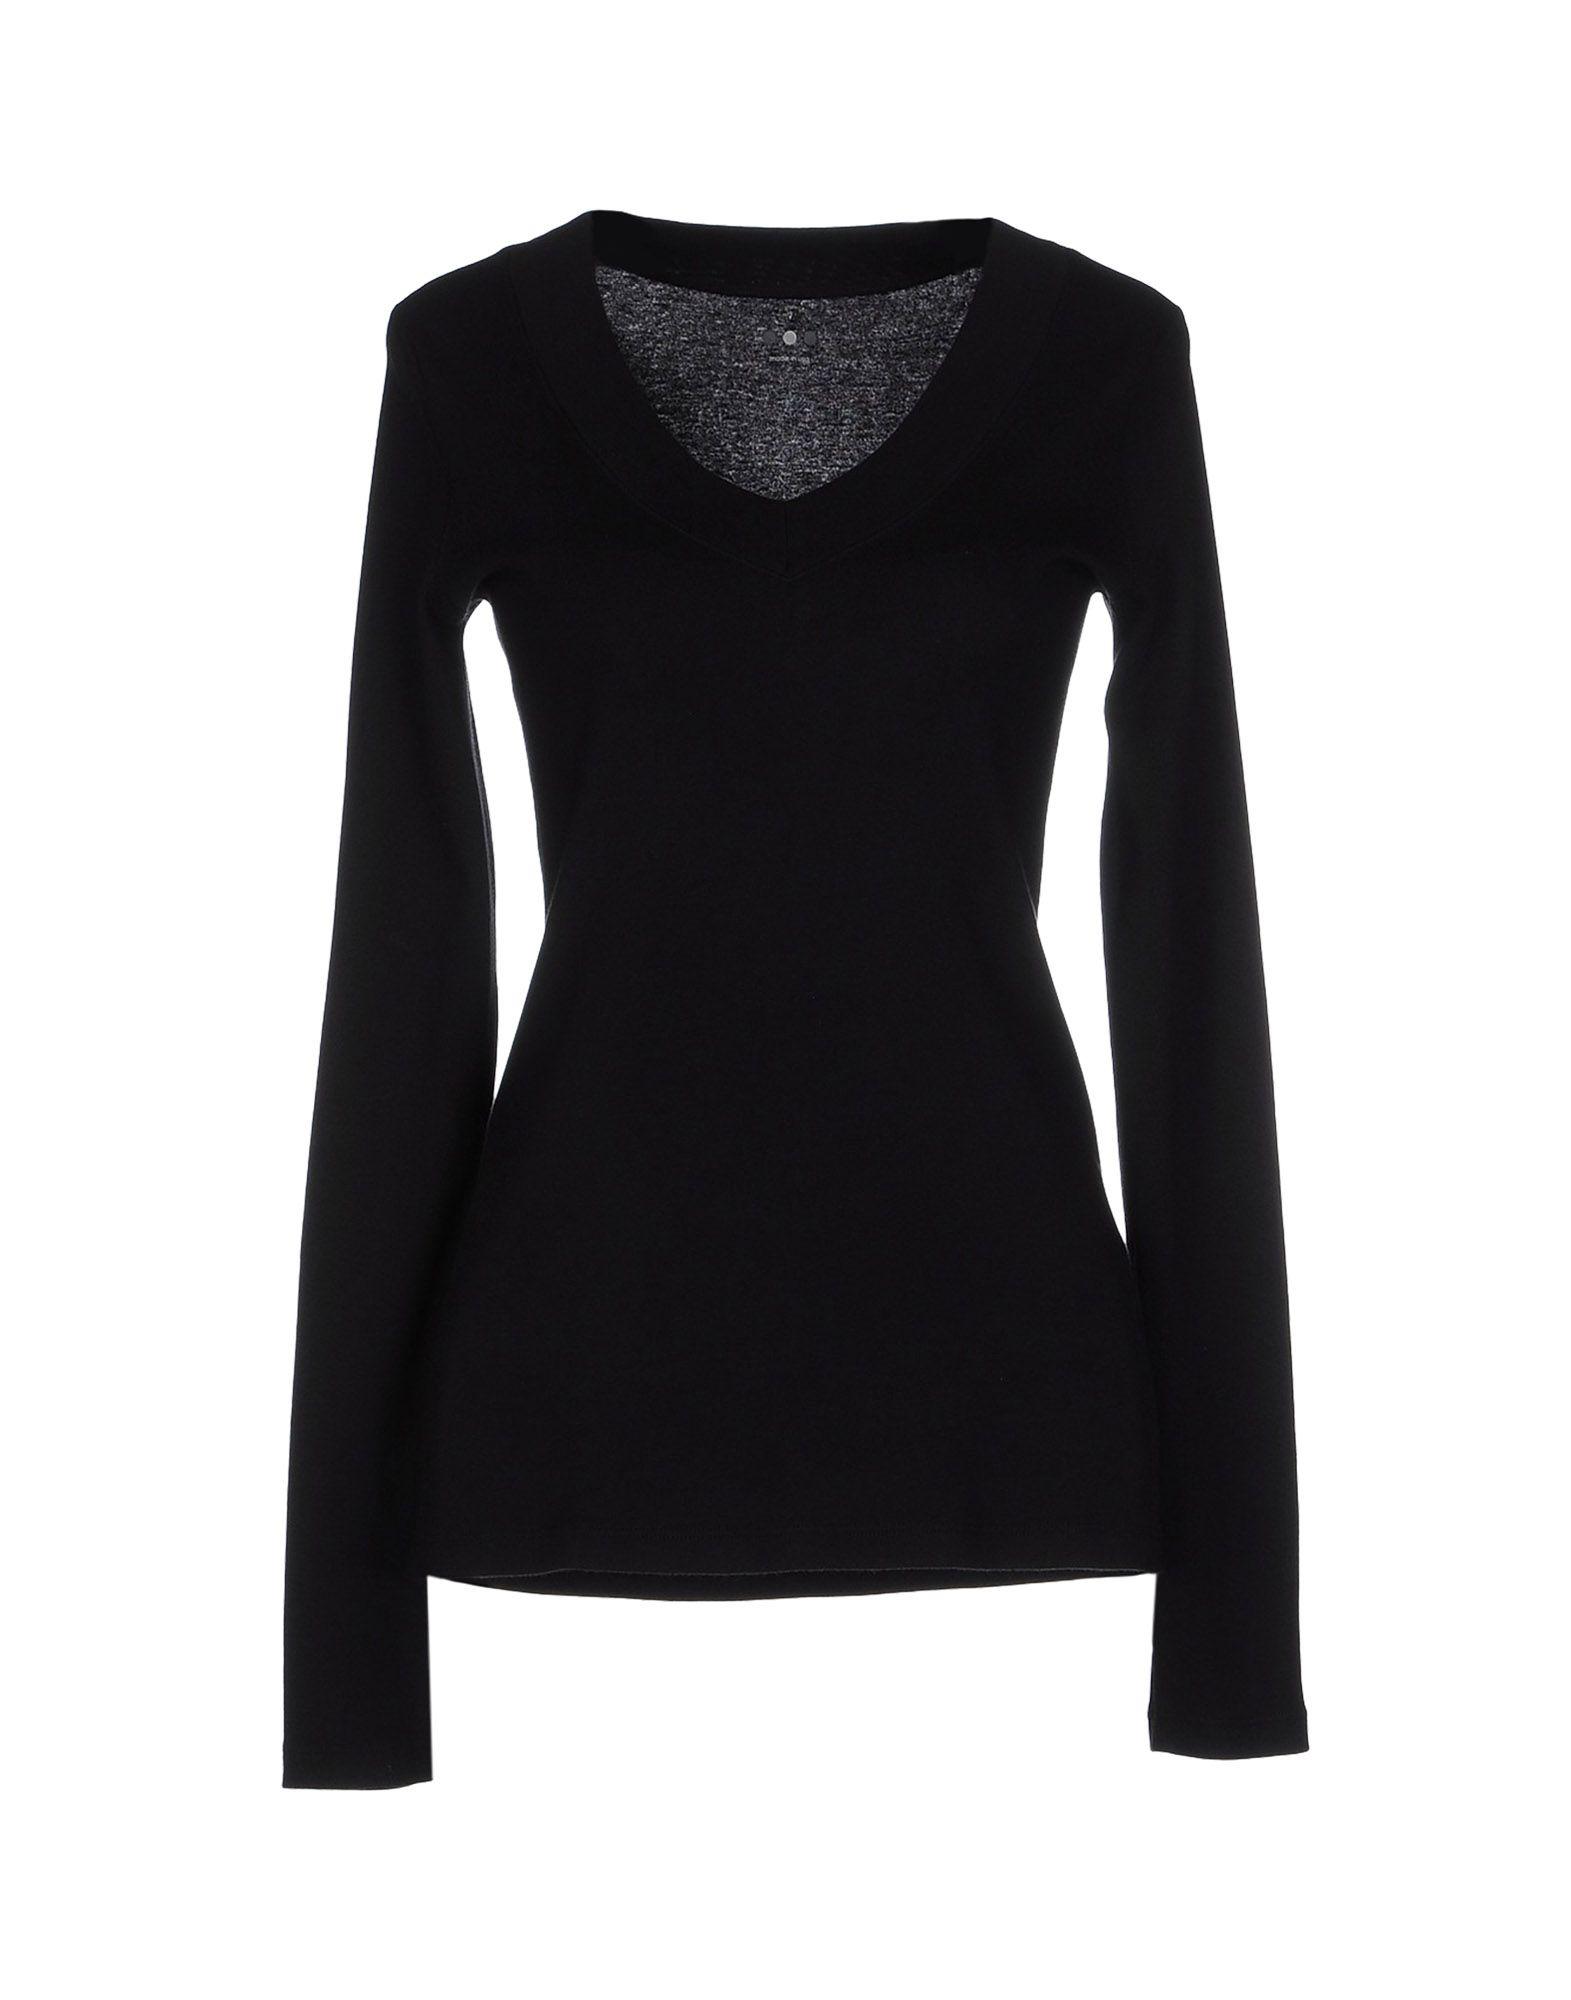 Three Dots T Shirt In Black Lyst